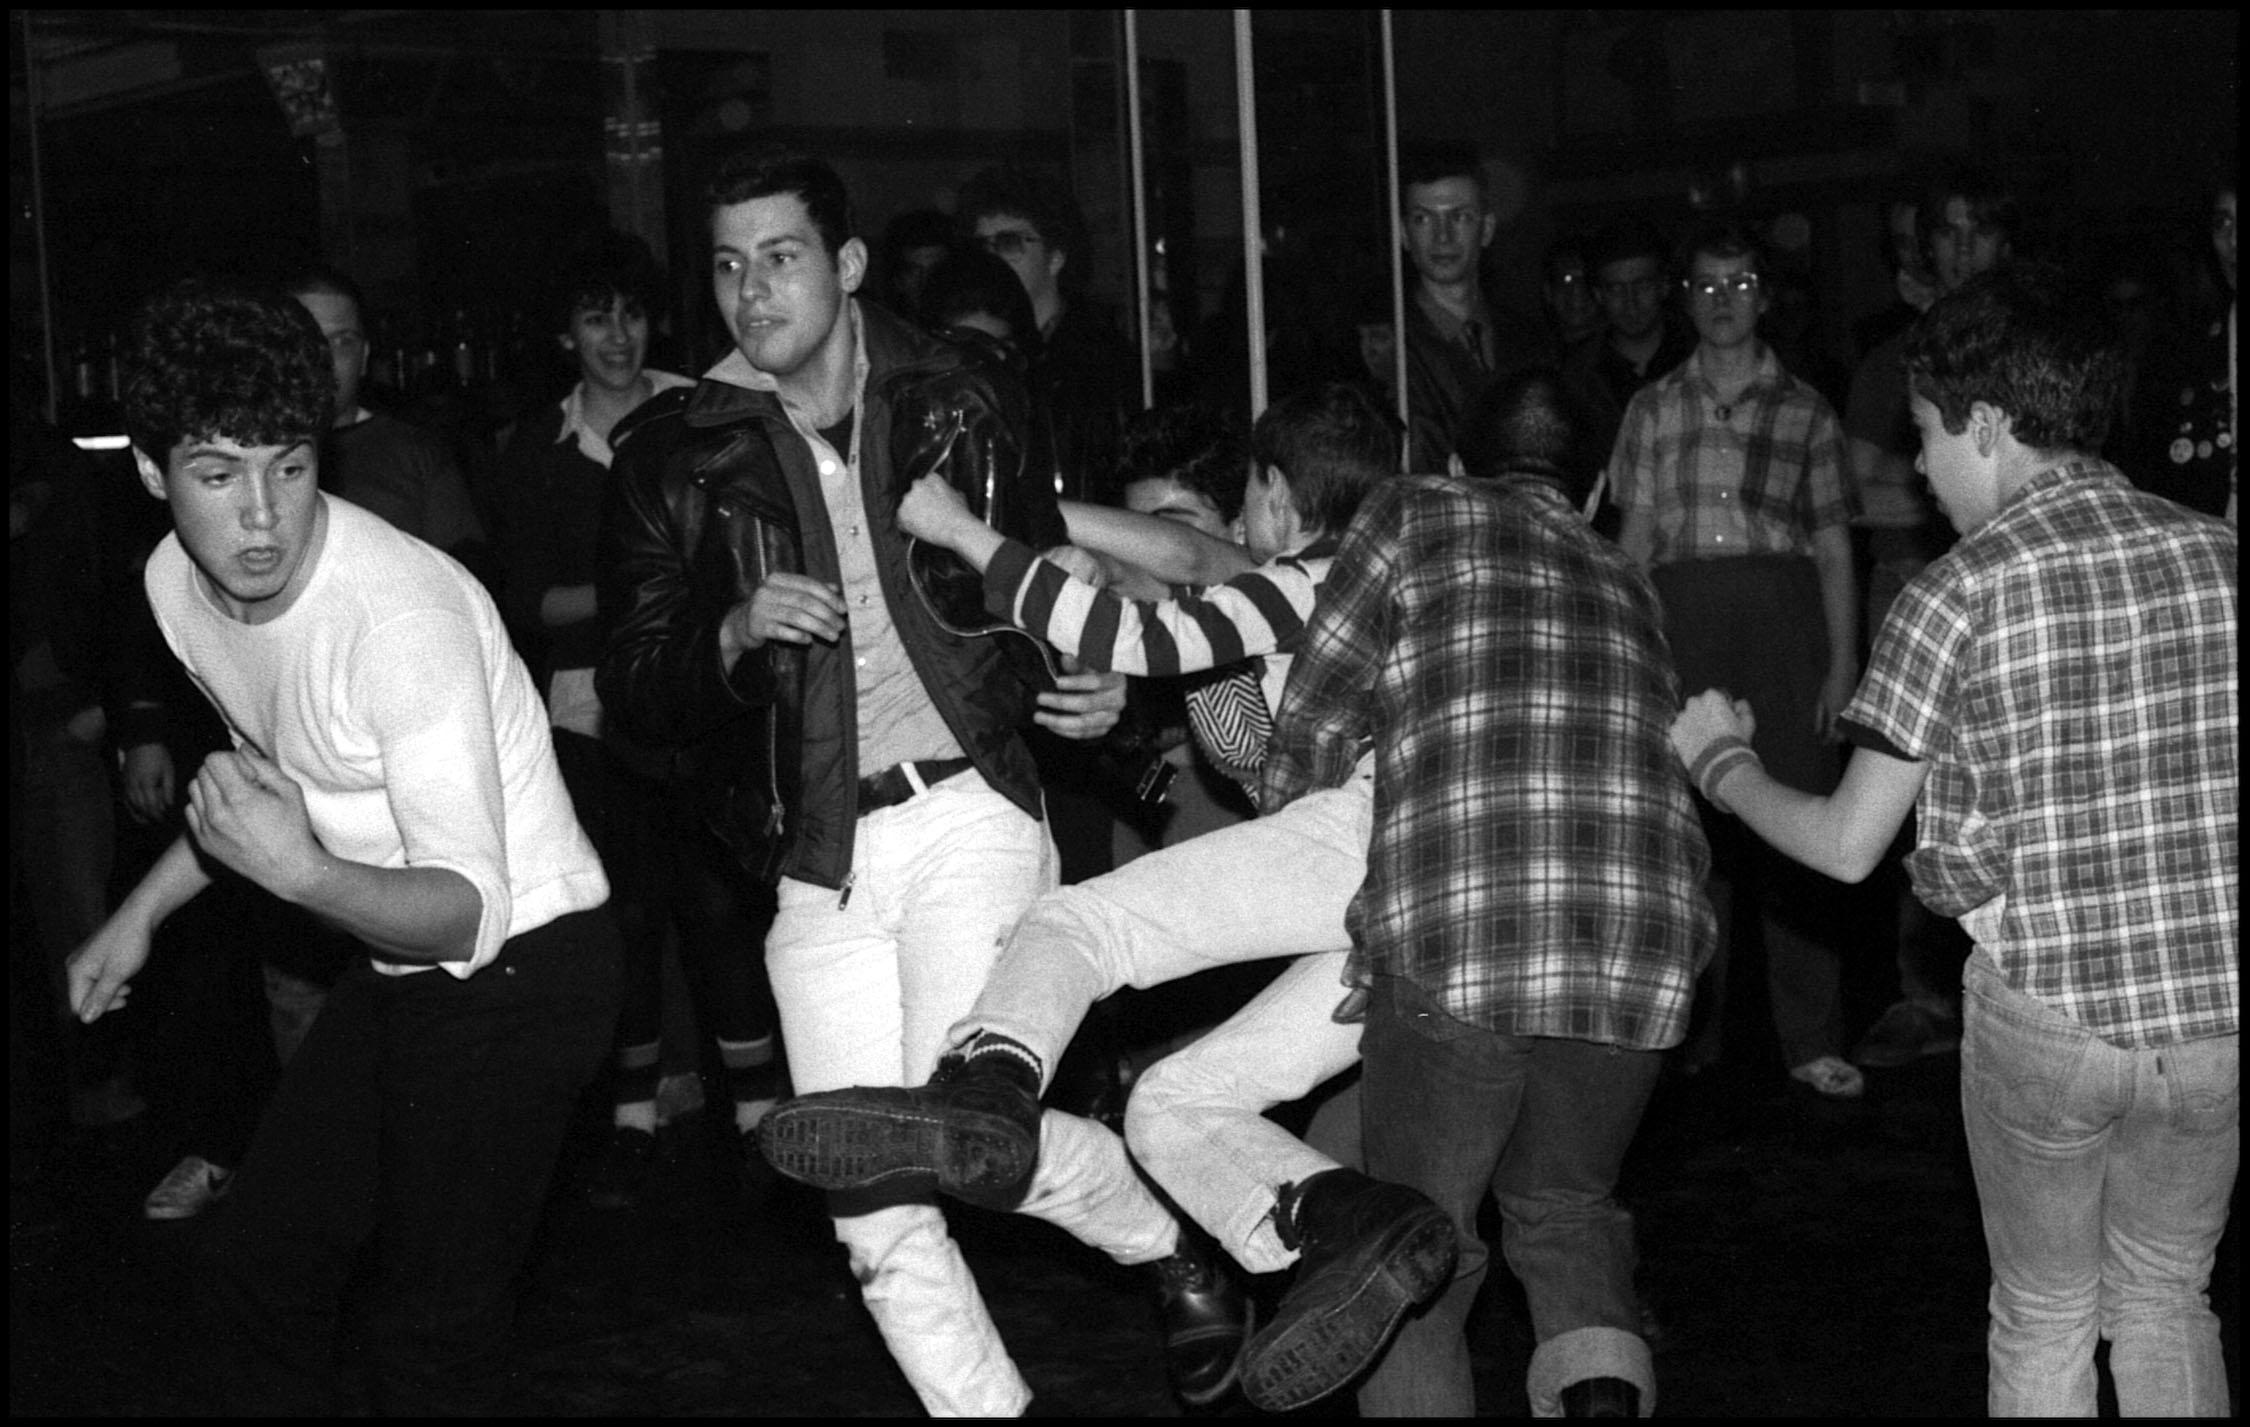 Slam Dancing, 1982